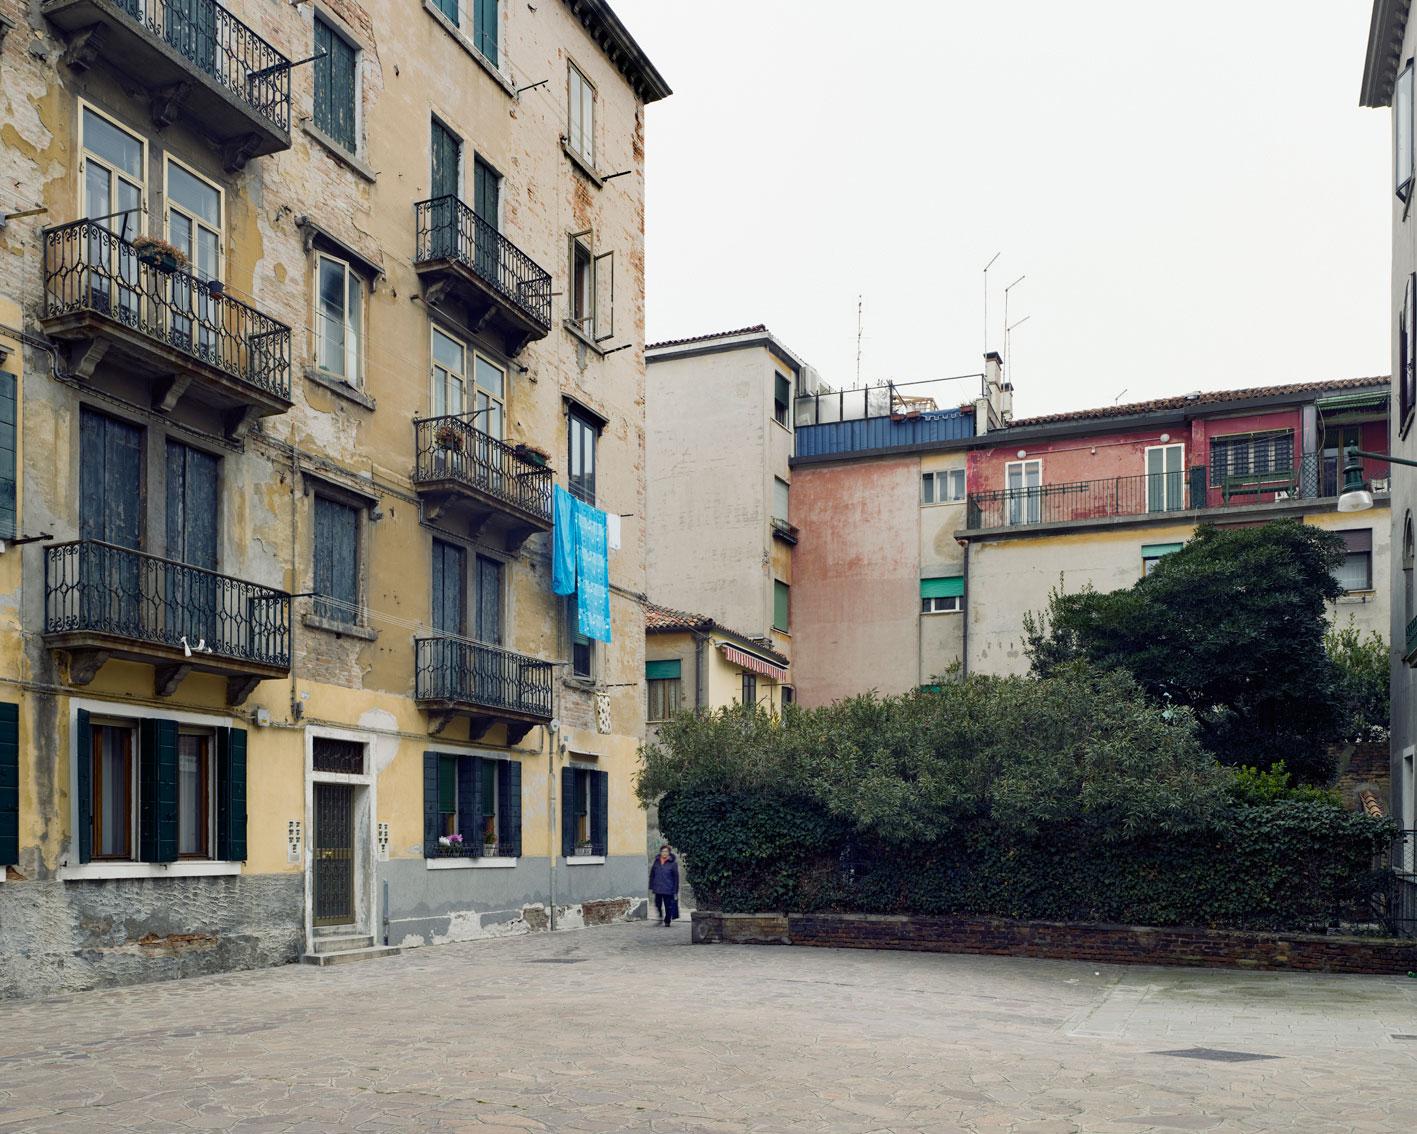 Venice019